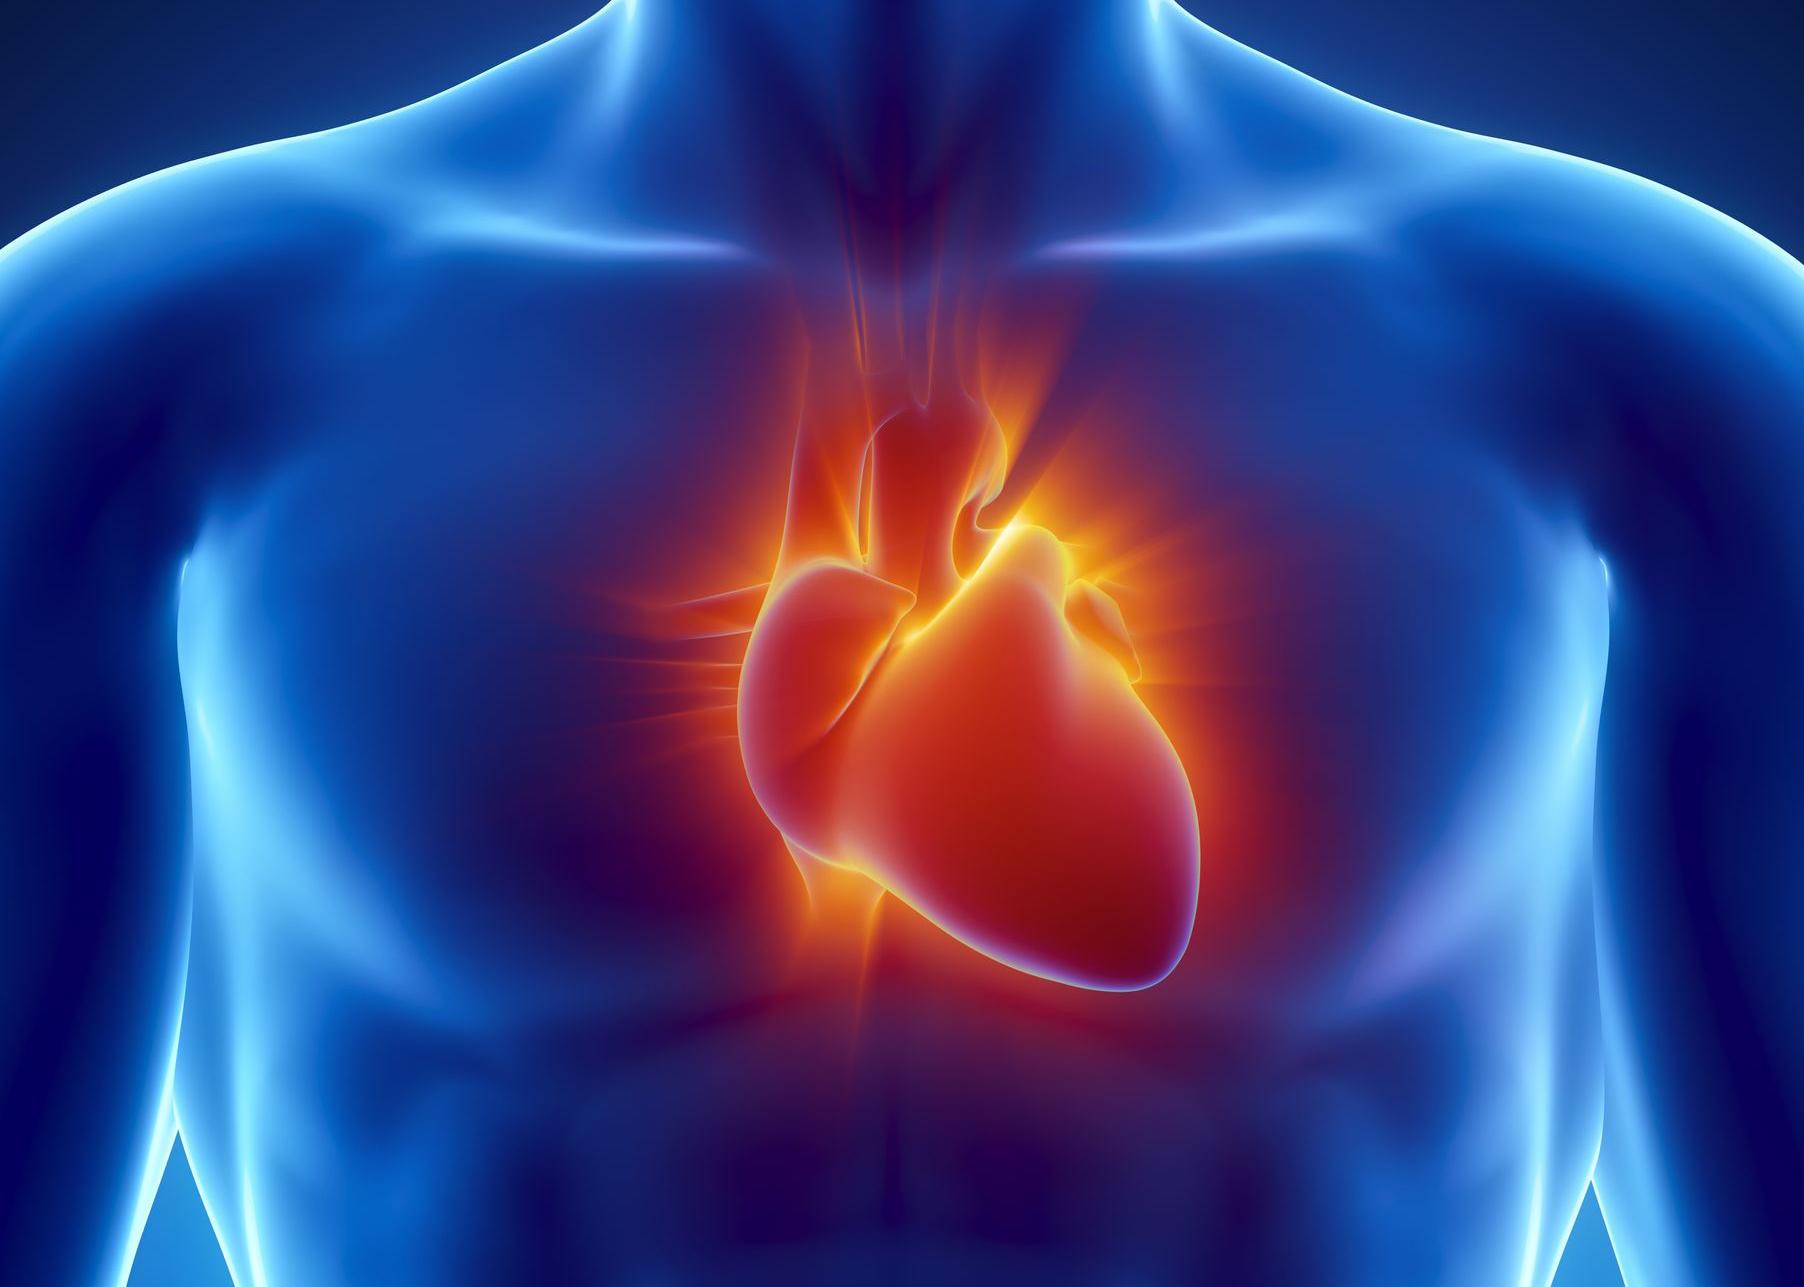 Prueban un hidrogel para reparar el corazón y se confirma que es seguro para inyectarse en humanos